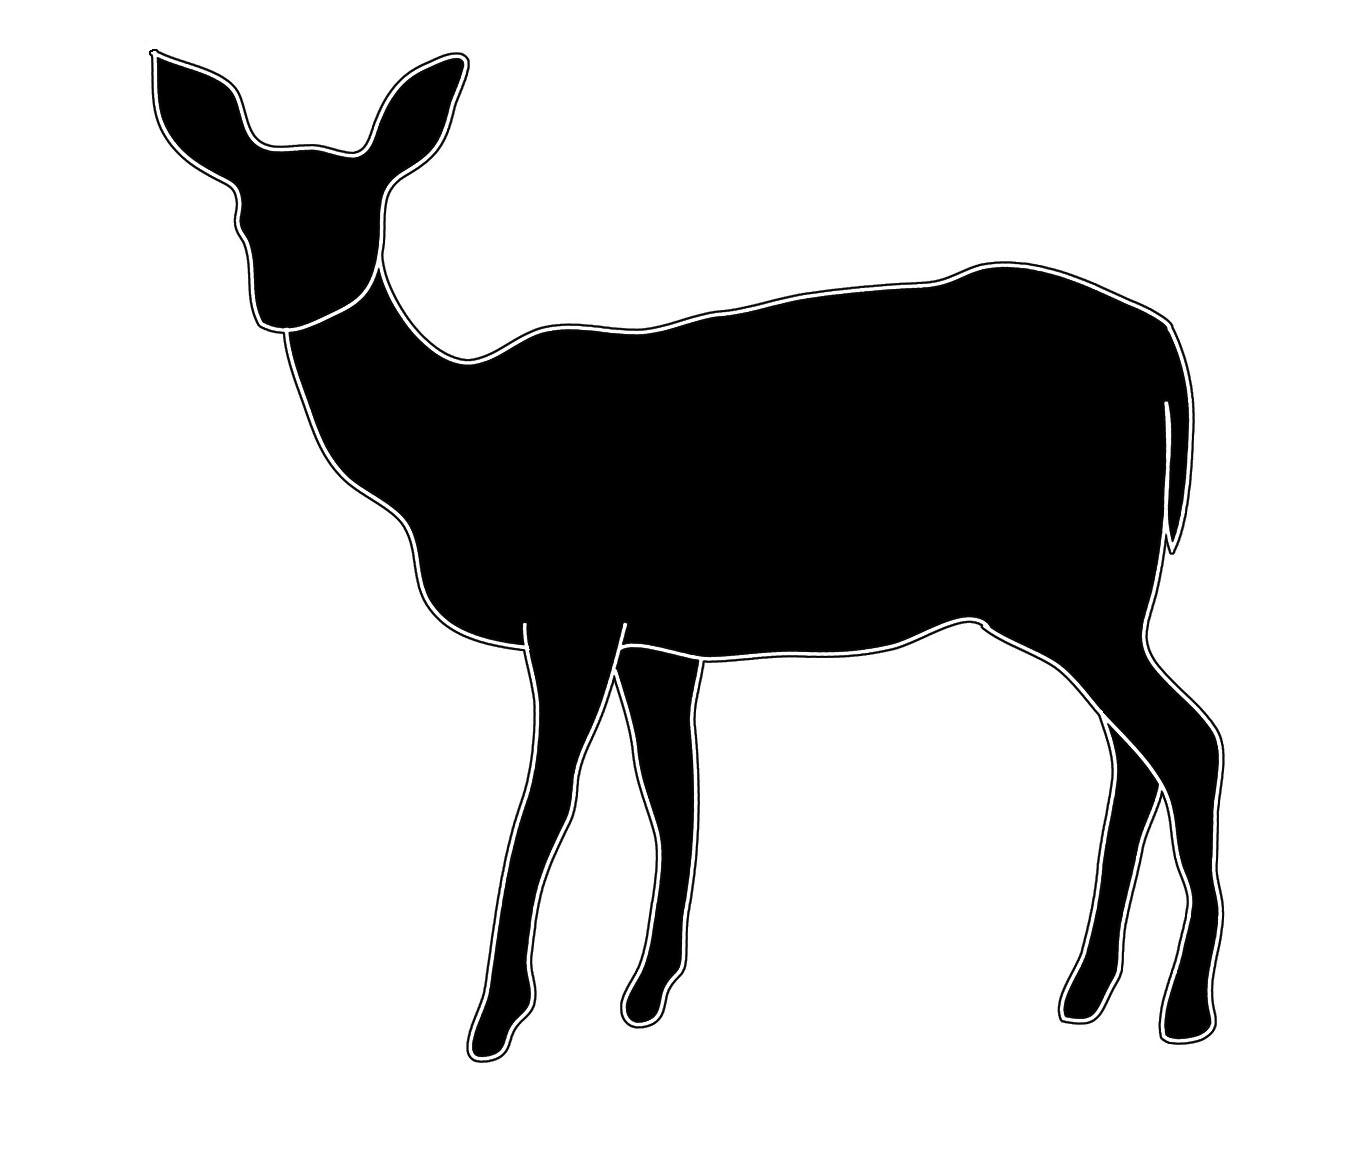 1349x1173 Deer Silhouette Cross Stitch Pattern Deer Head By Crossstitchdiva